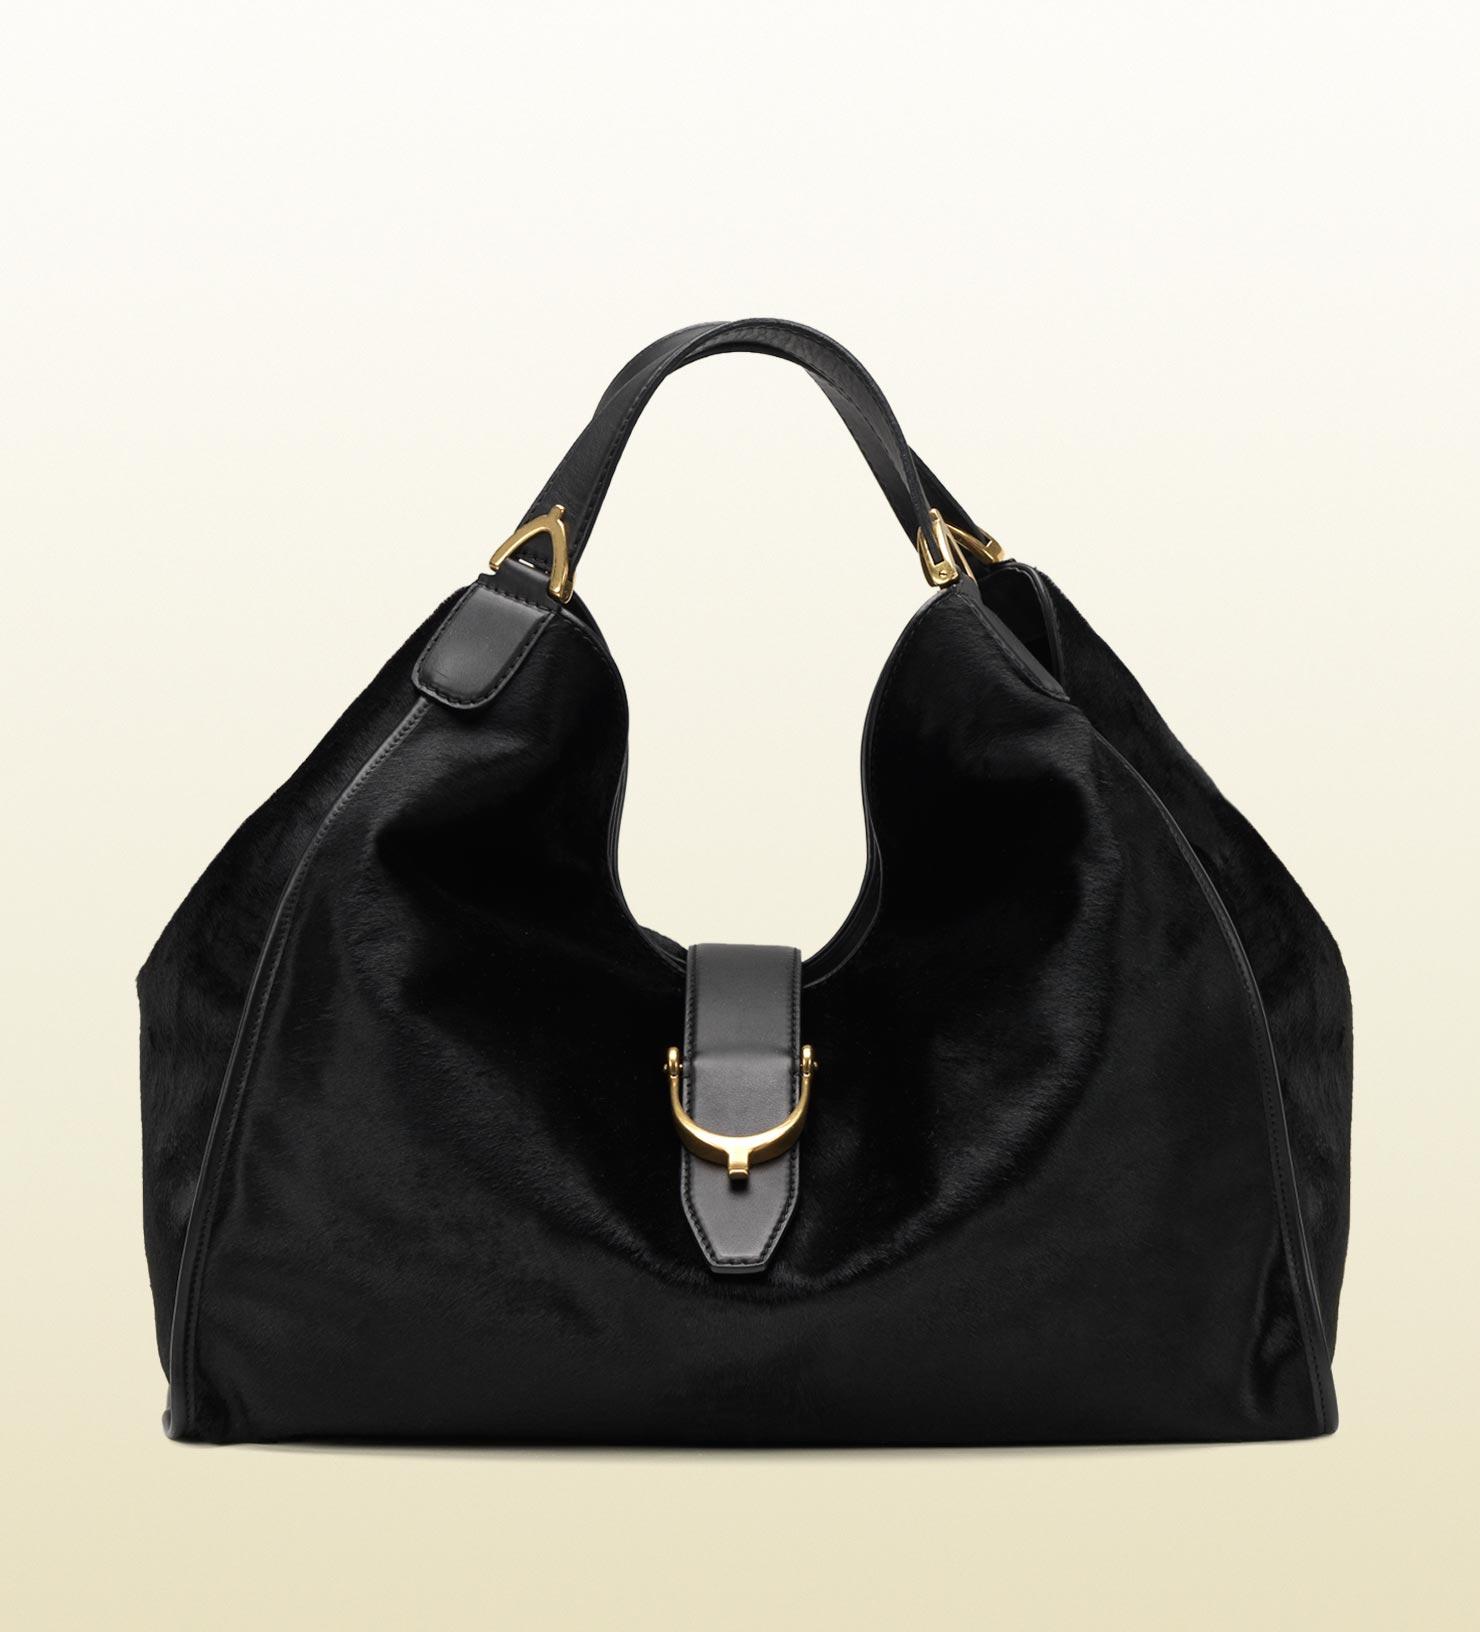 25676c5378f0d Lyst - Gucci Soft Stirrup Black Suede Shoulder Bag in Black